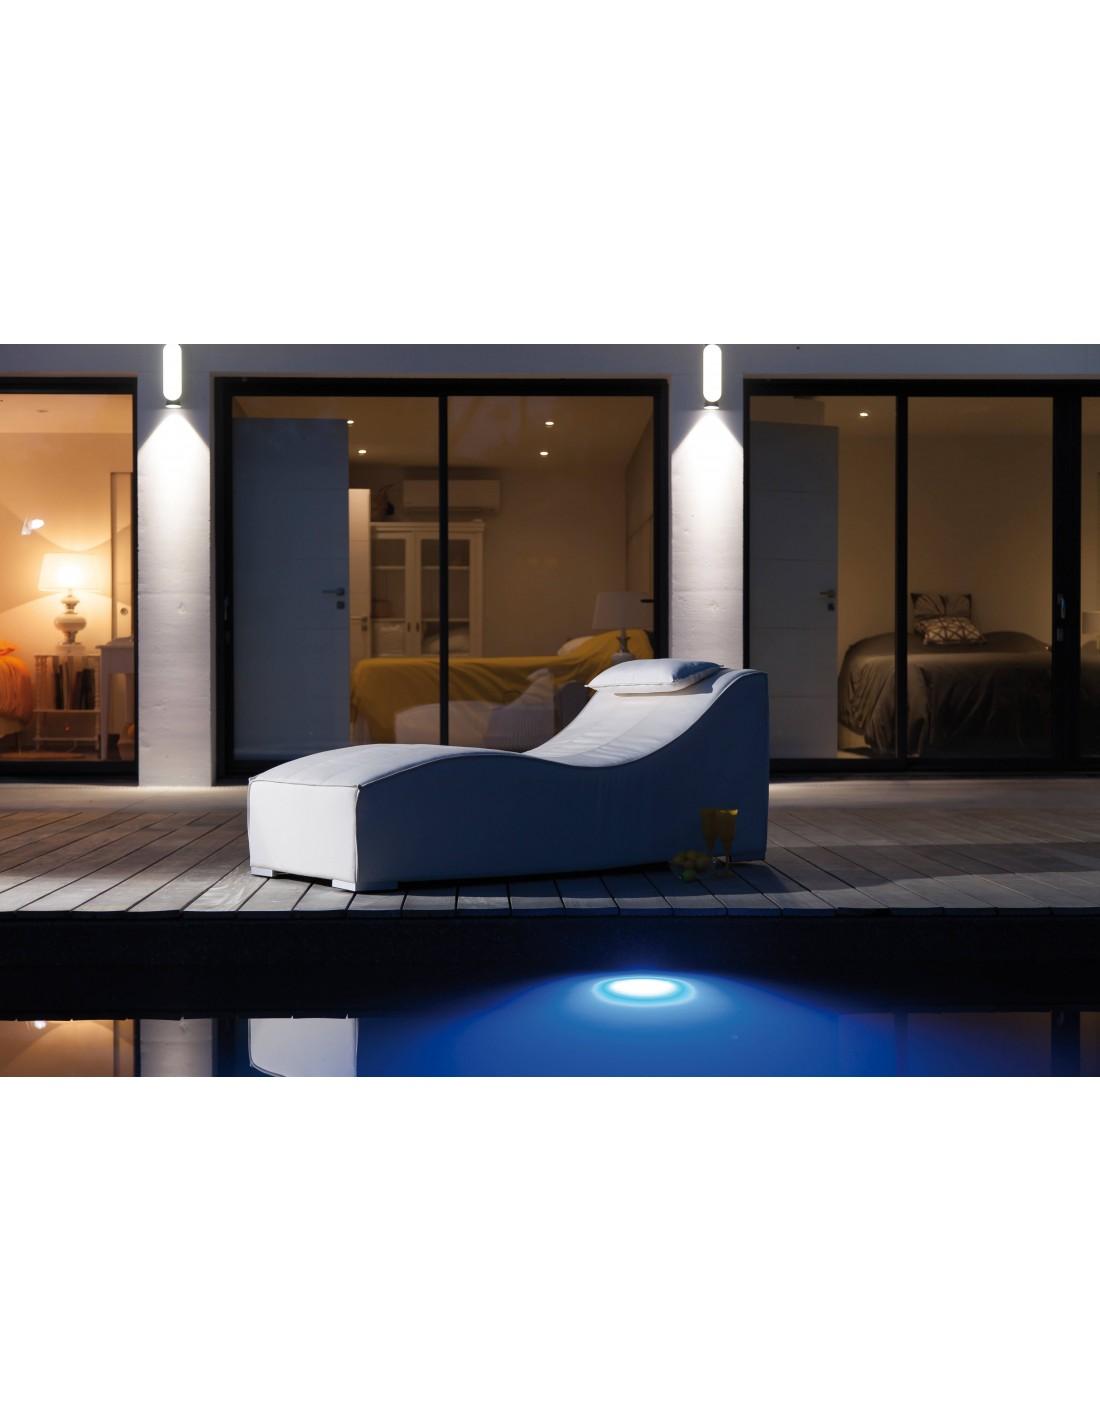 lit de soleil breeze en toile sunbrella oc o. Black Bedroom Furniture Sets. Home Design Ideas